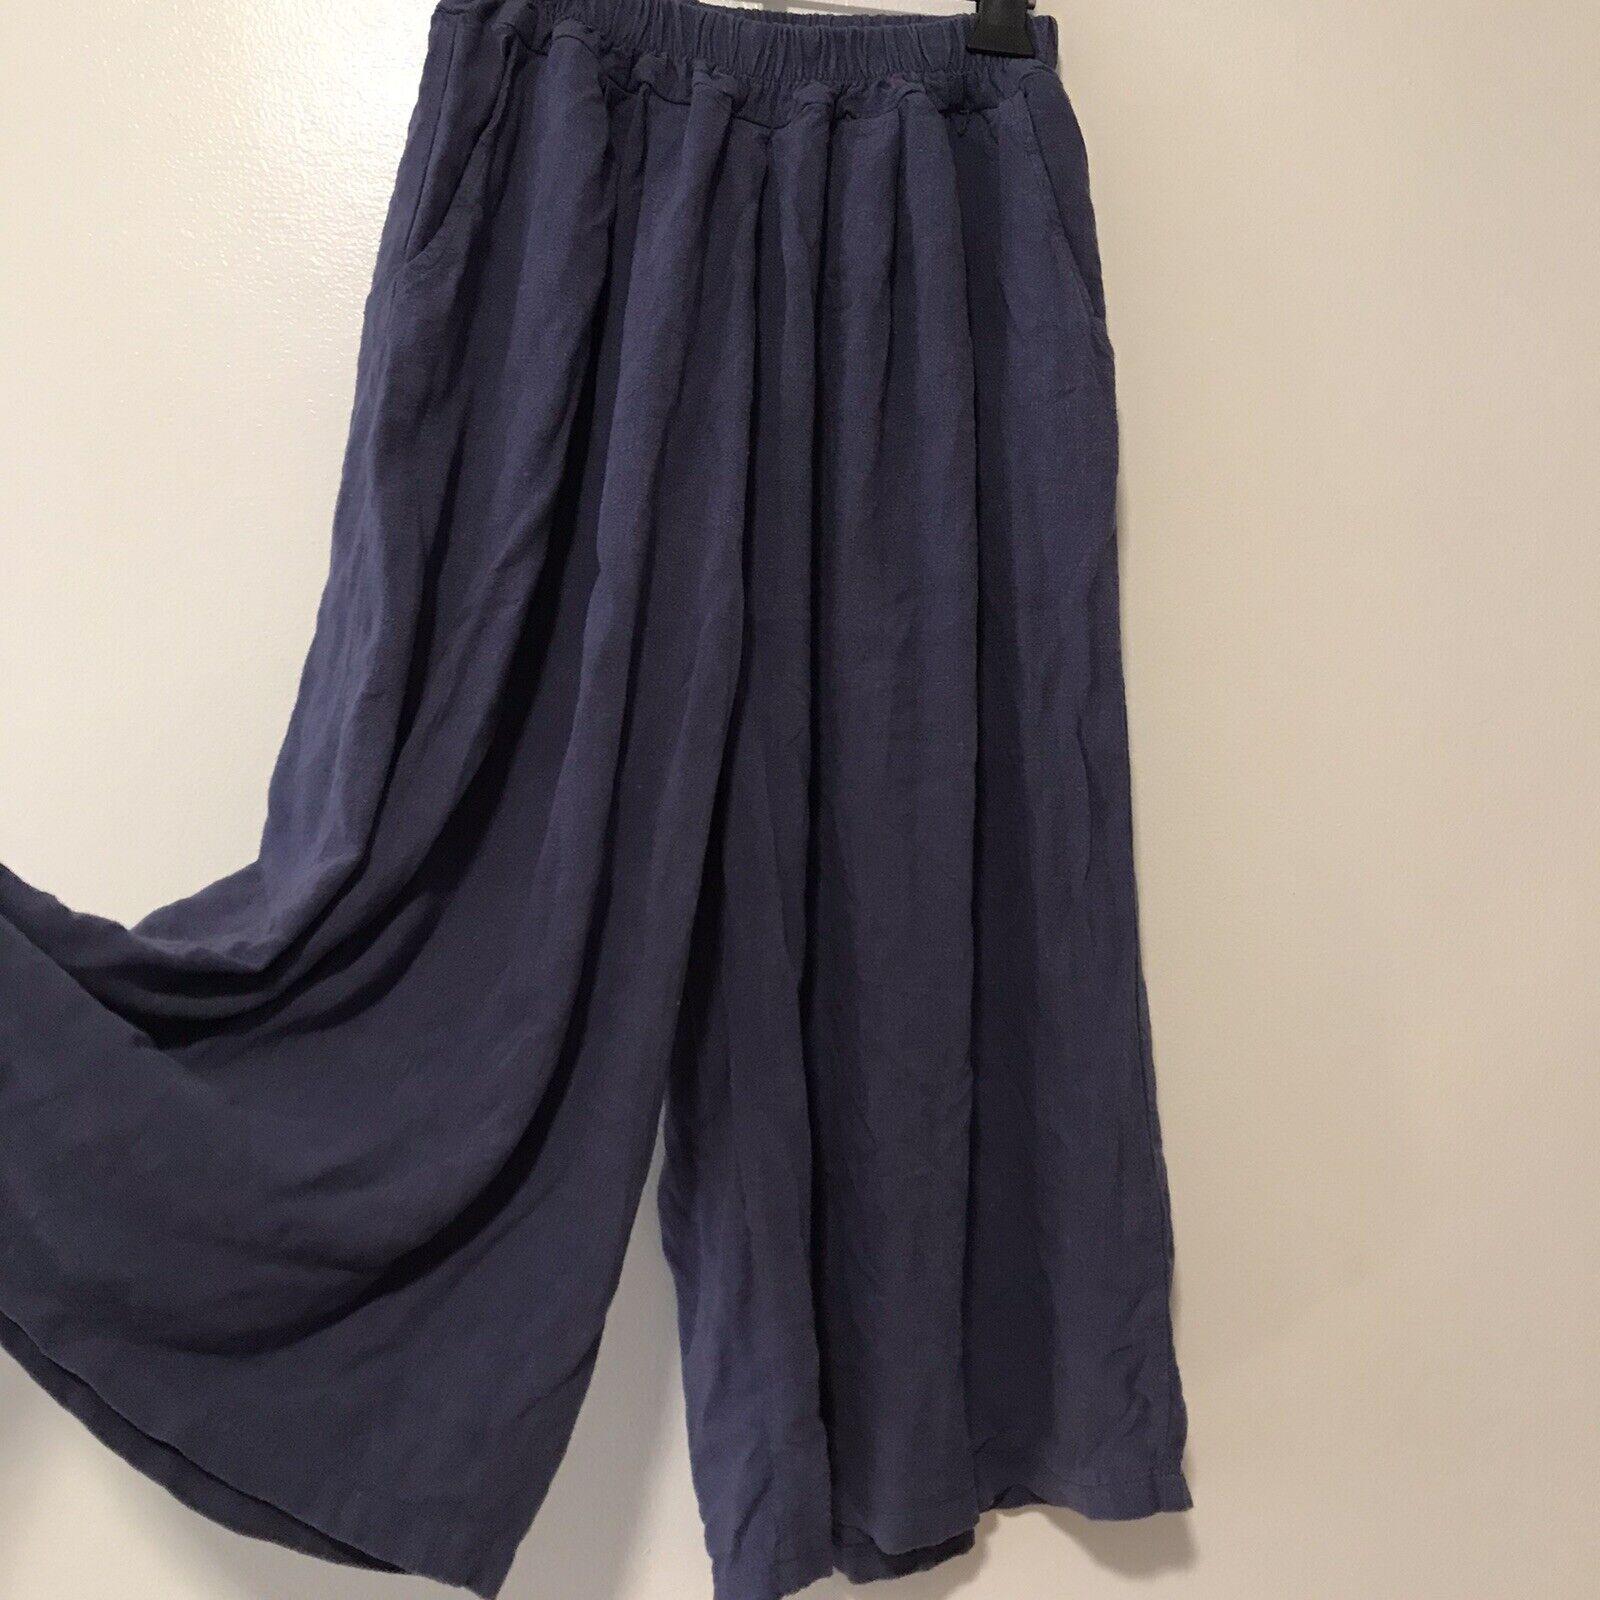 Pinkblush gaucho pants Small - image 1